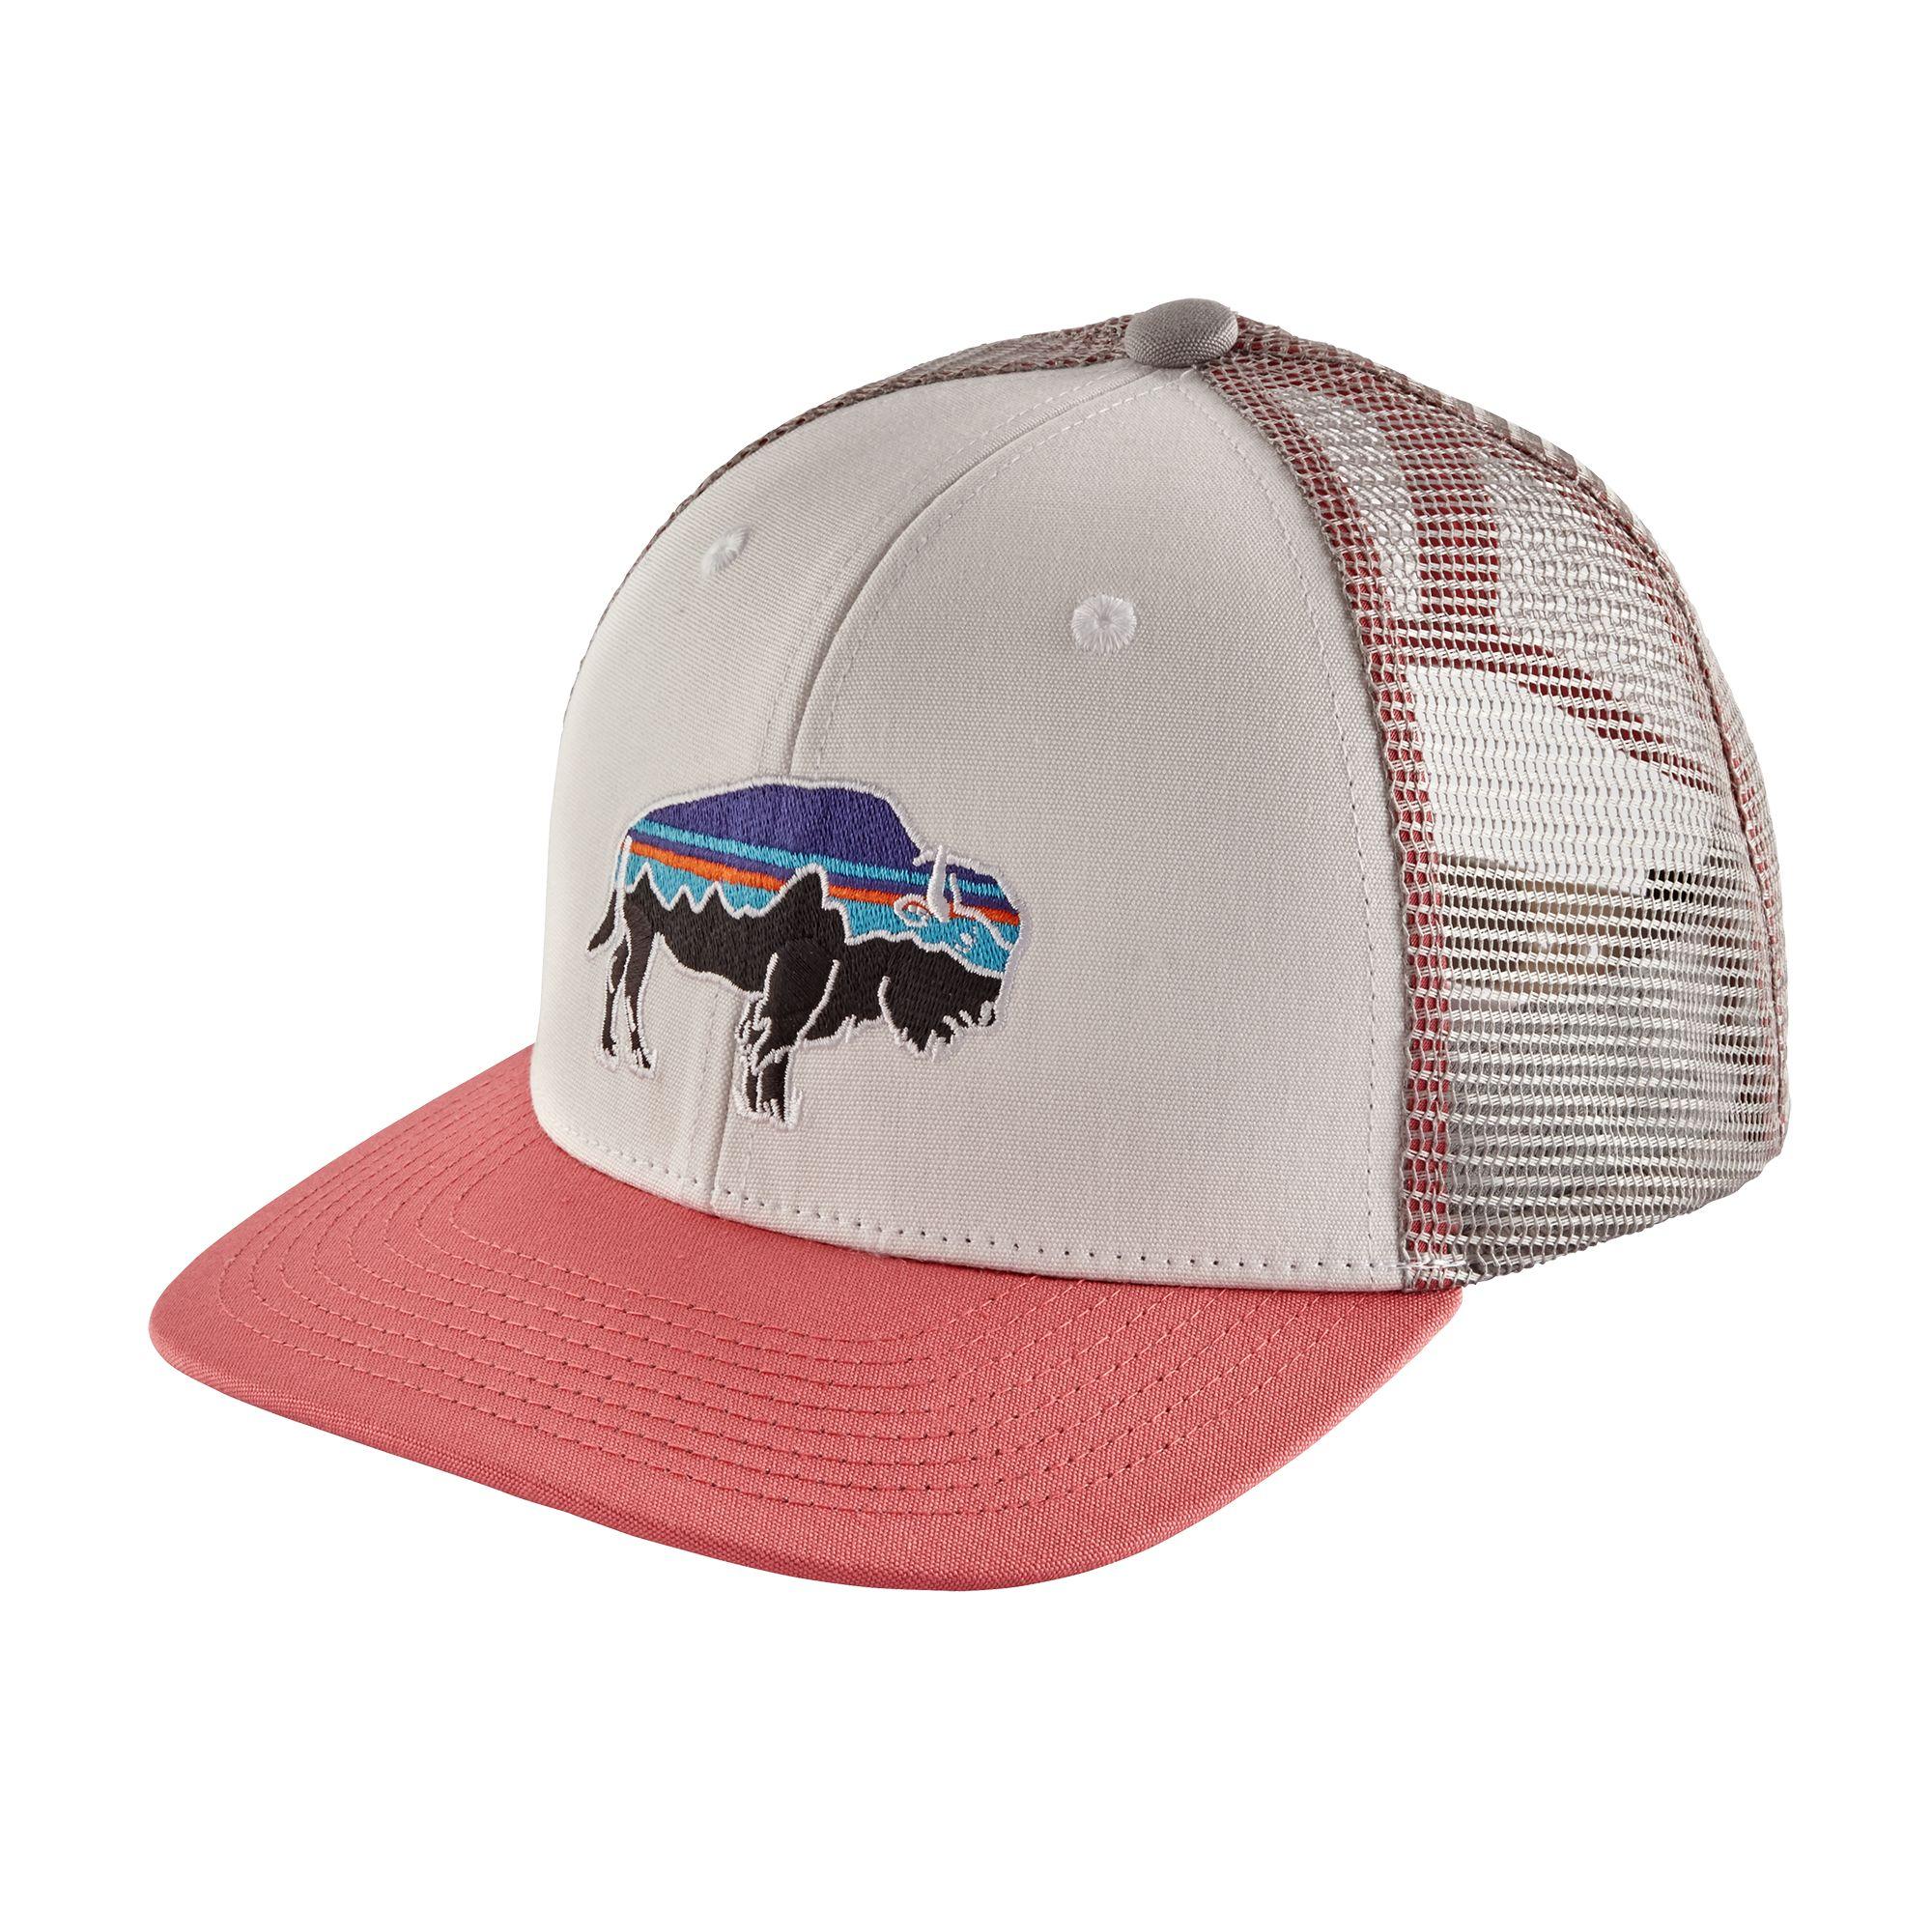 Patagonia K's Fitz Roy Bison Trucker Hat